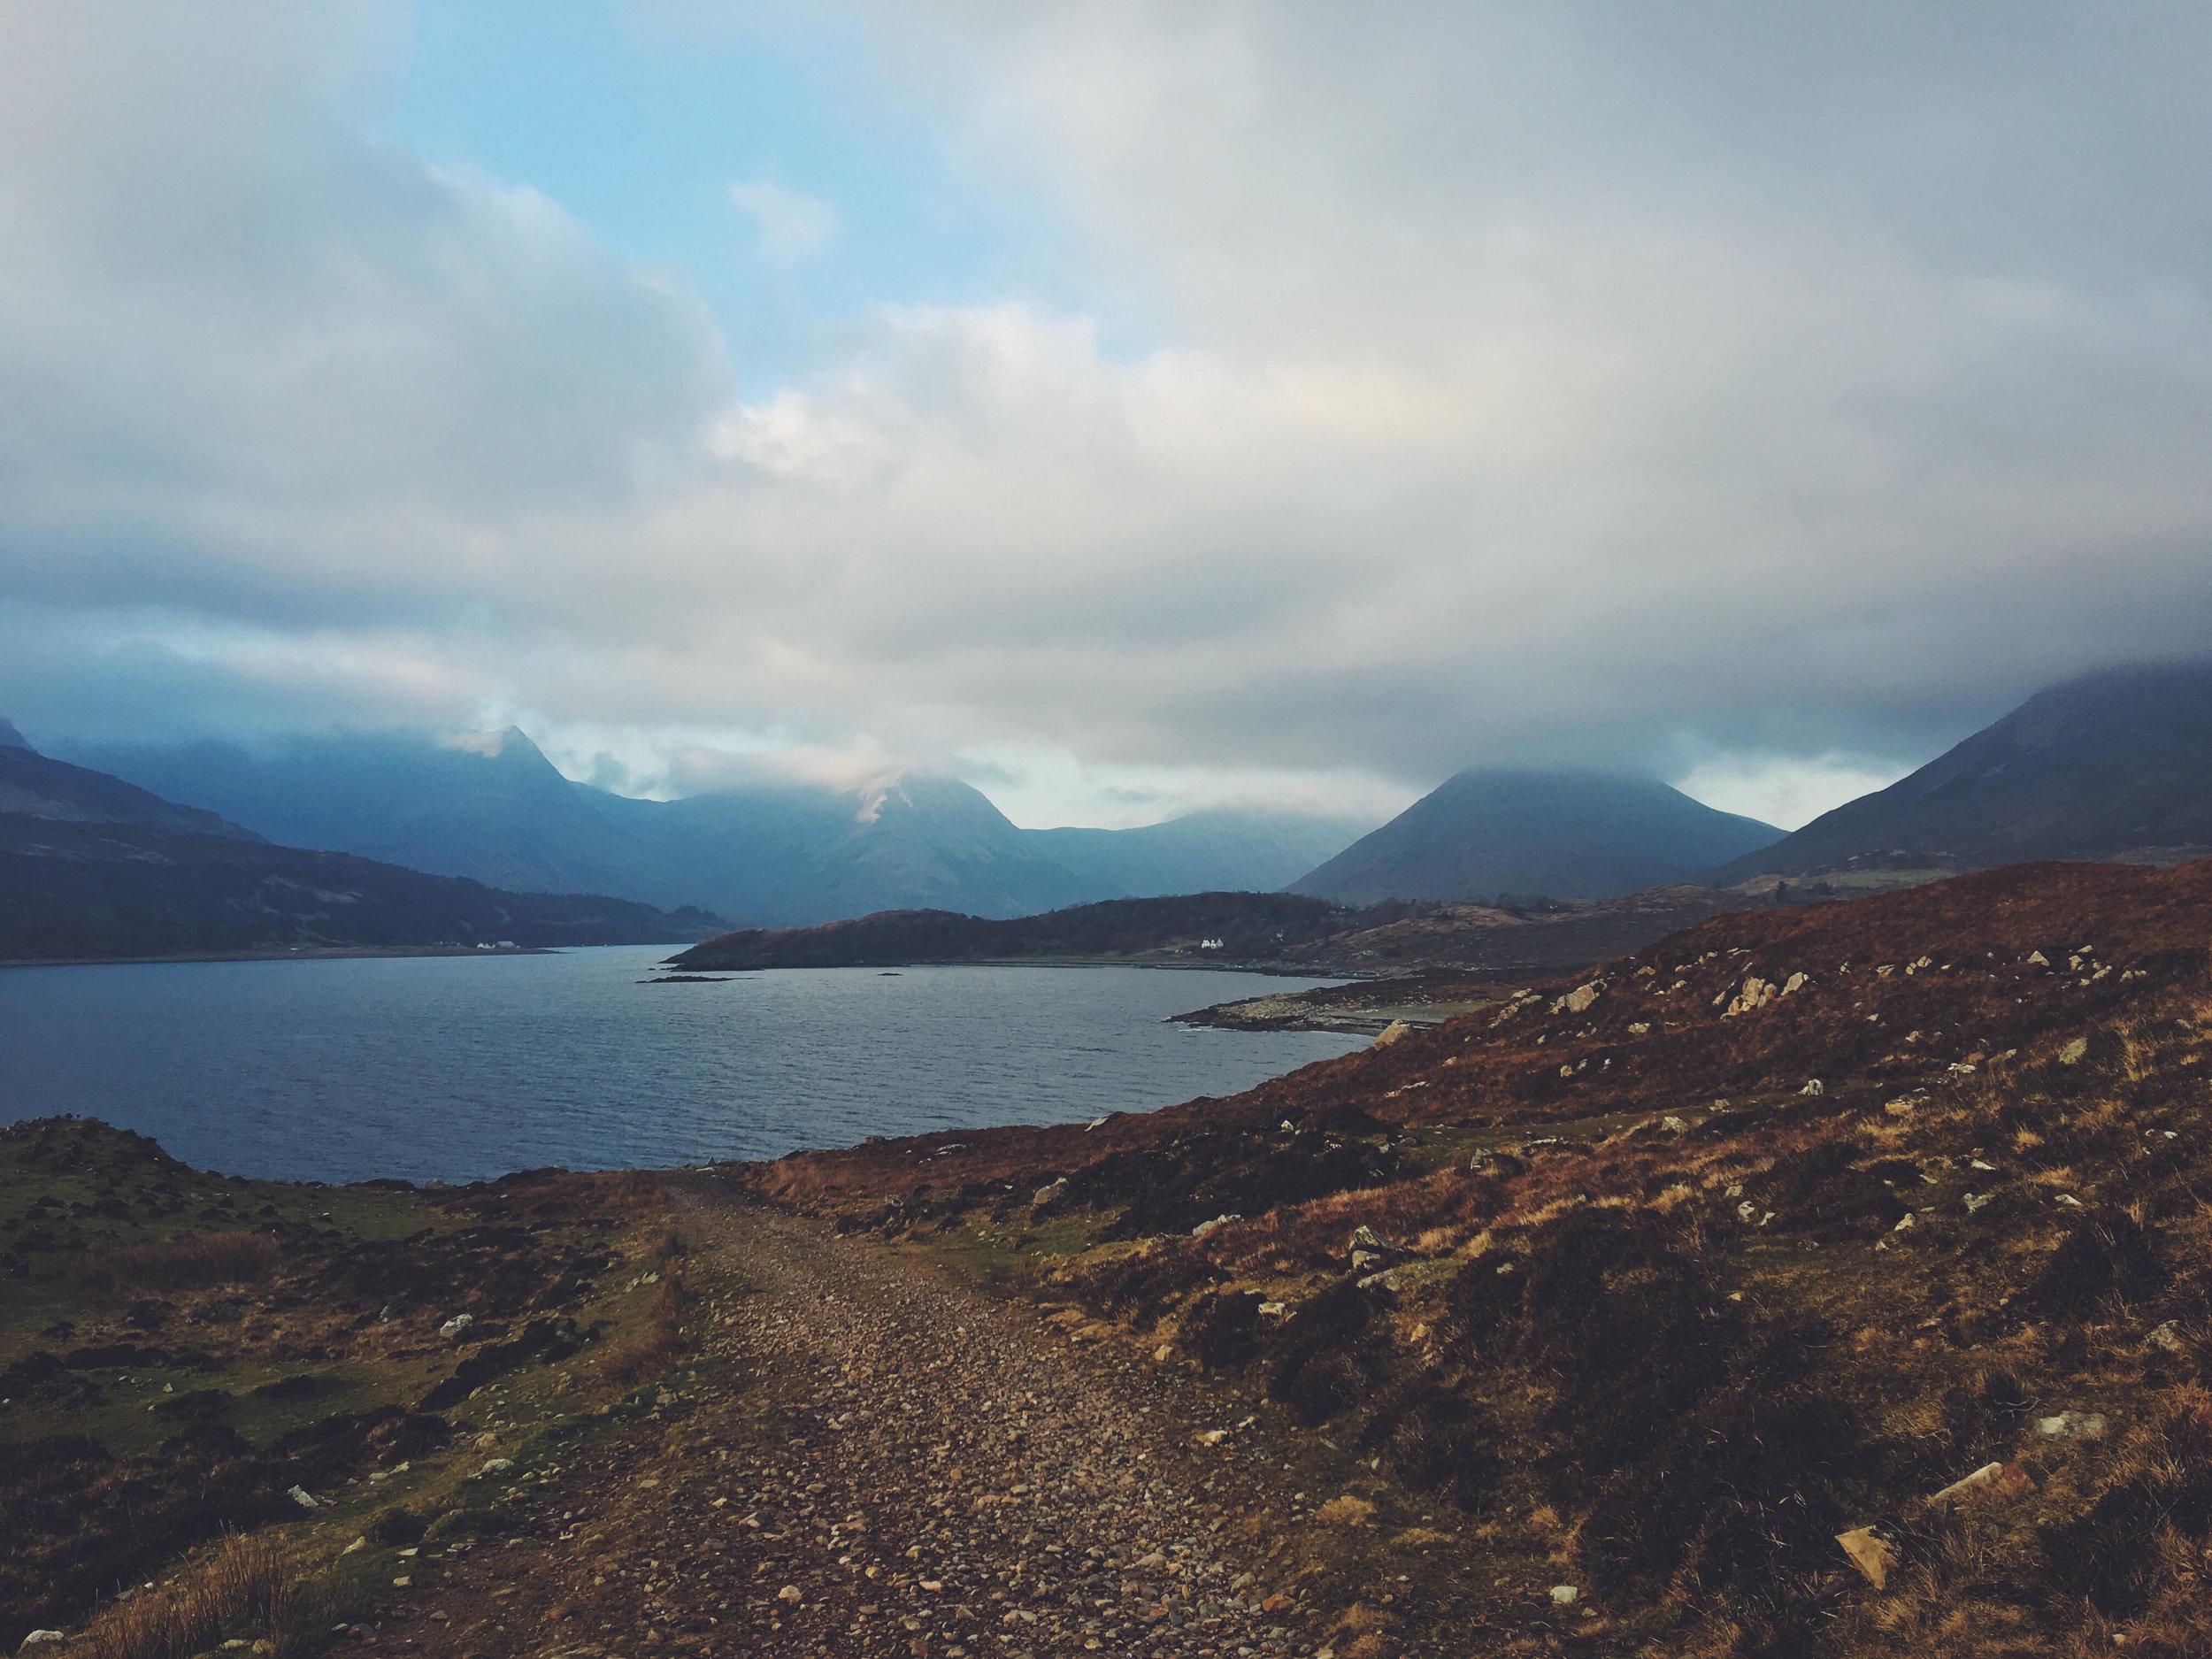 Stalking Highlands